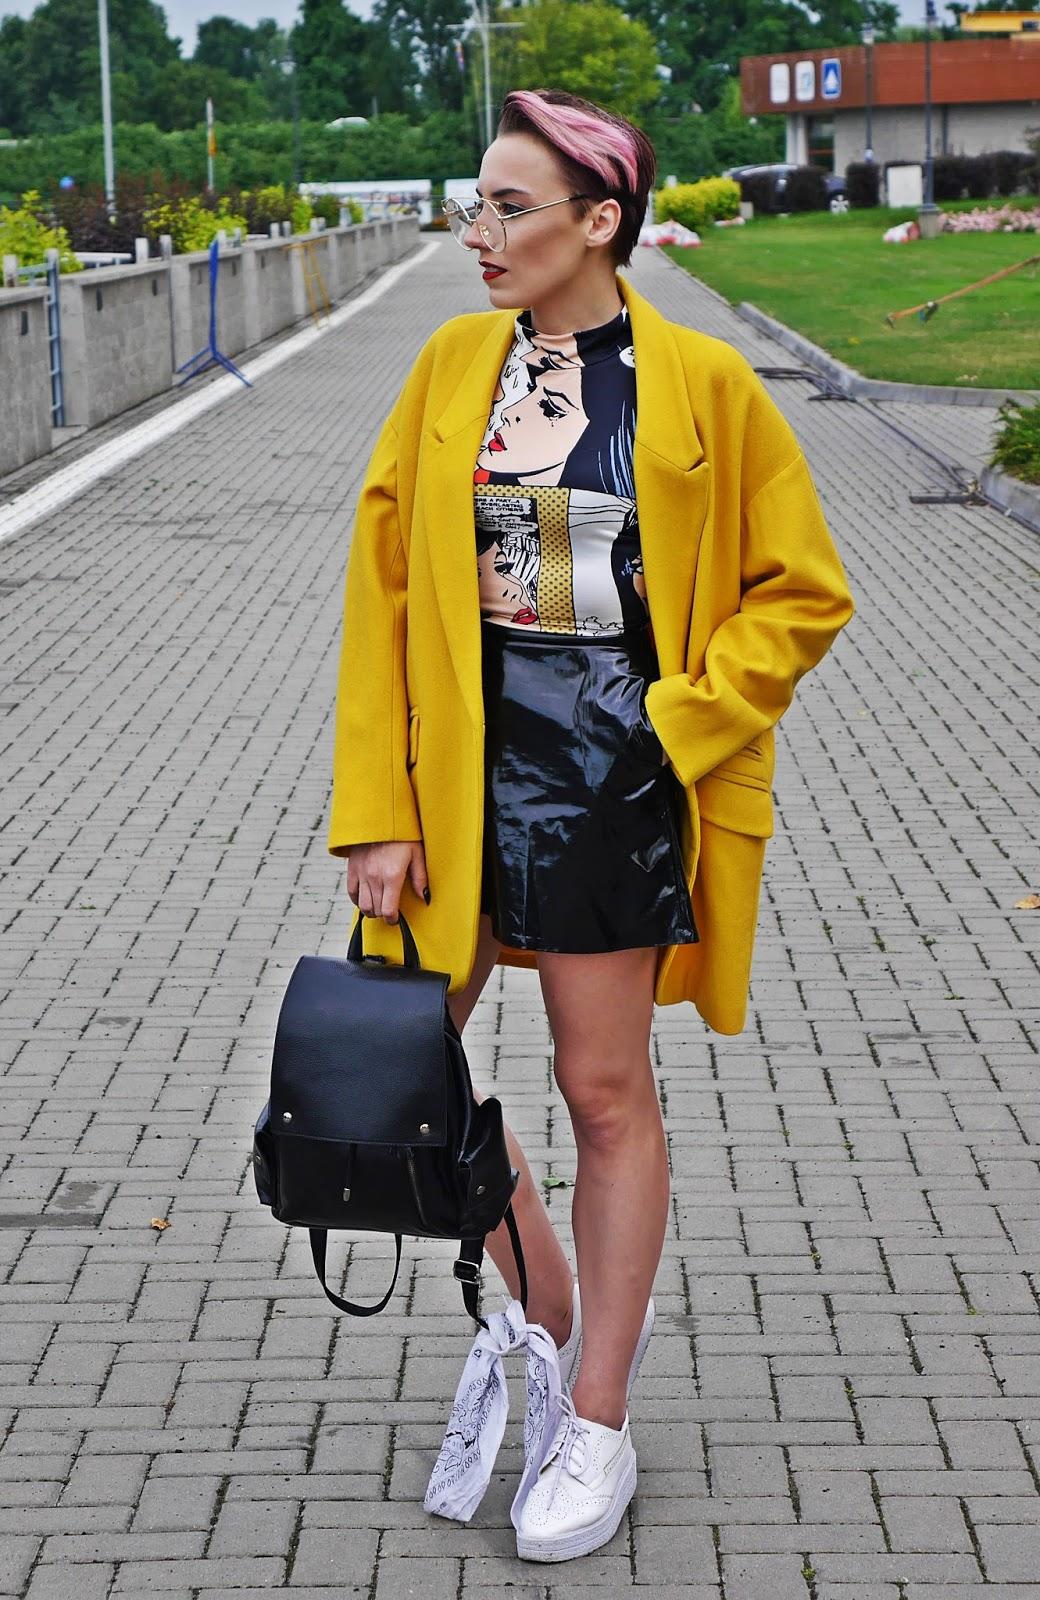 blogerka_modowa_pulawy_blog_modowy_karyn_look_ootd_060717